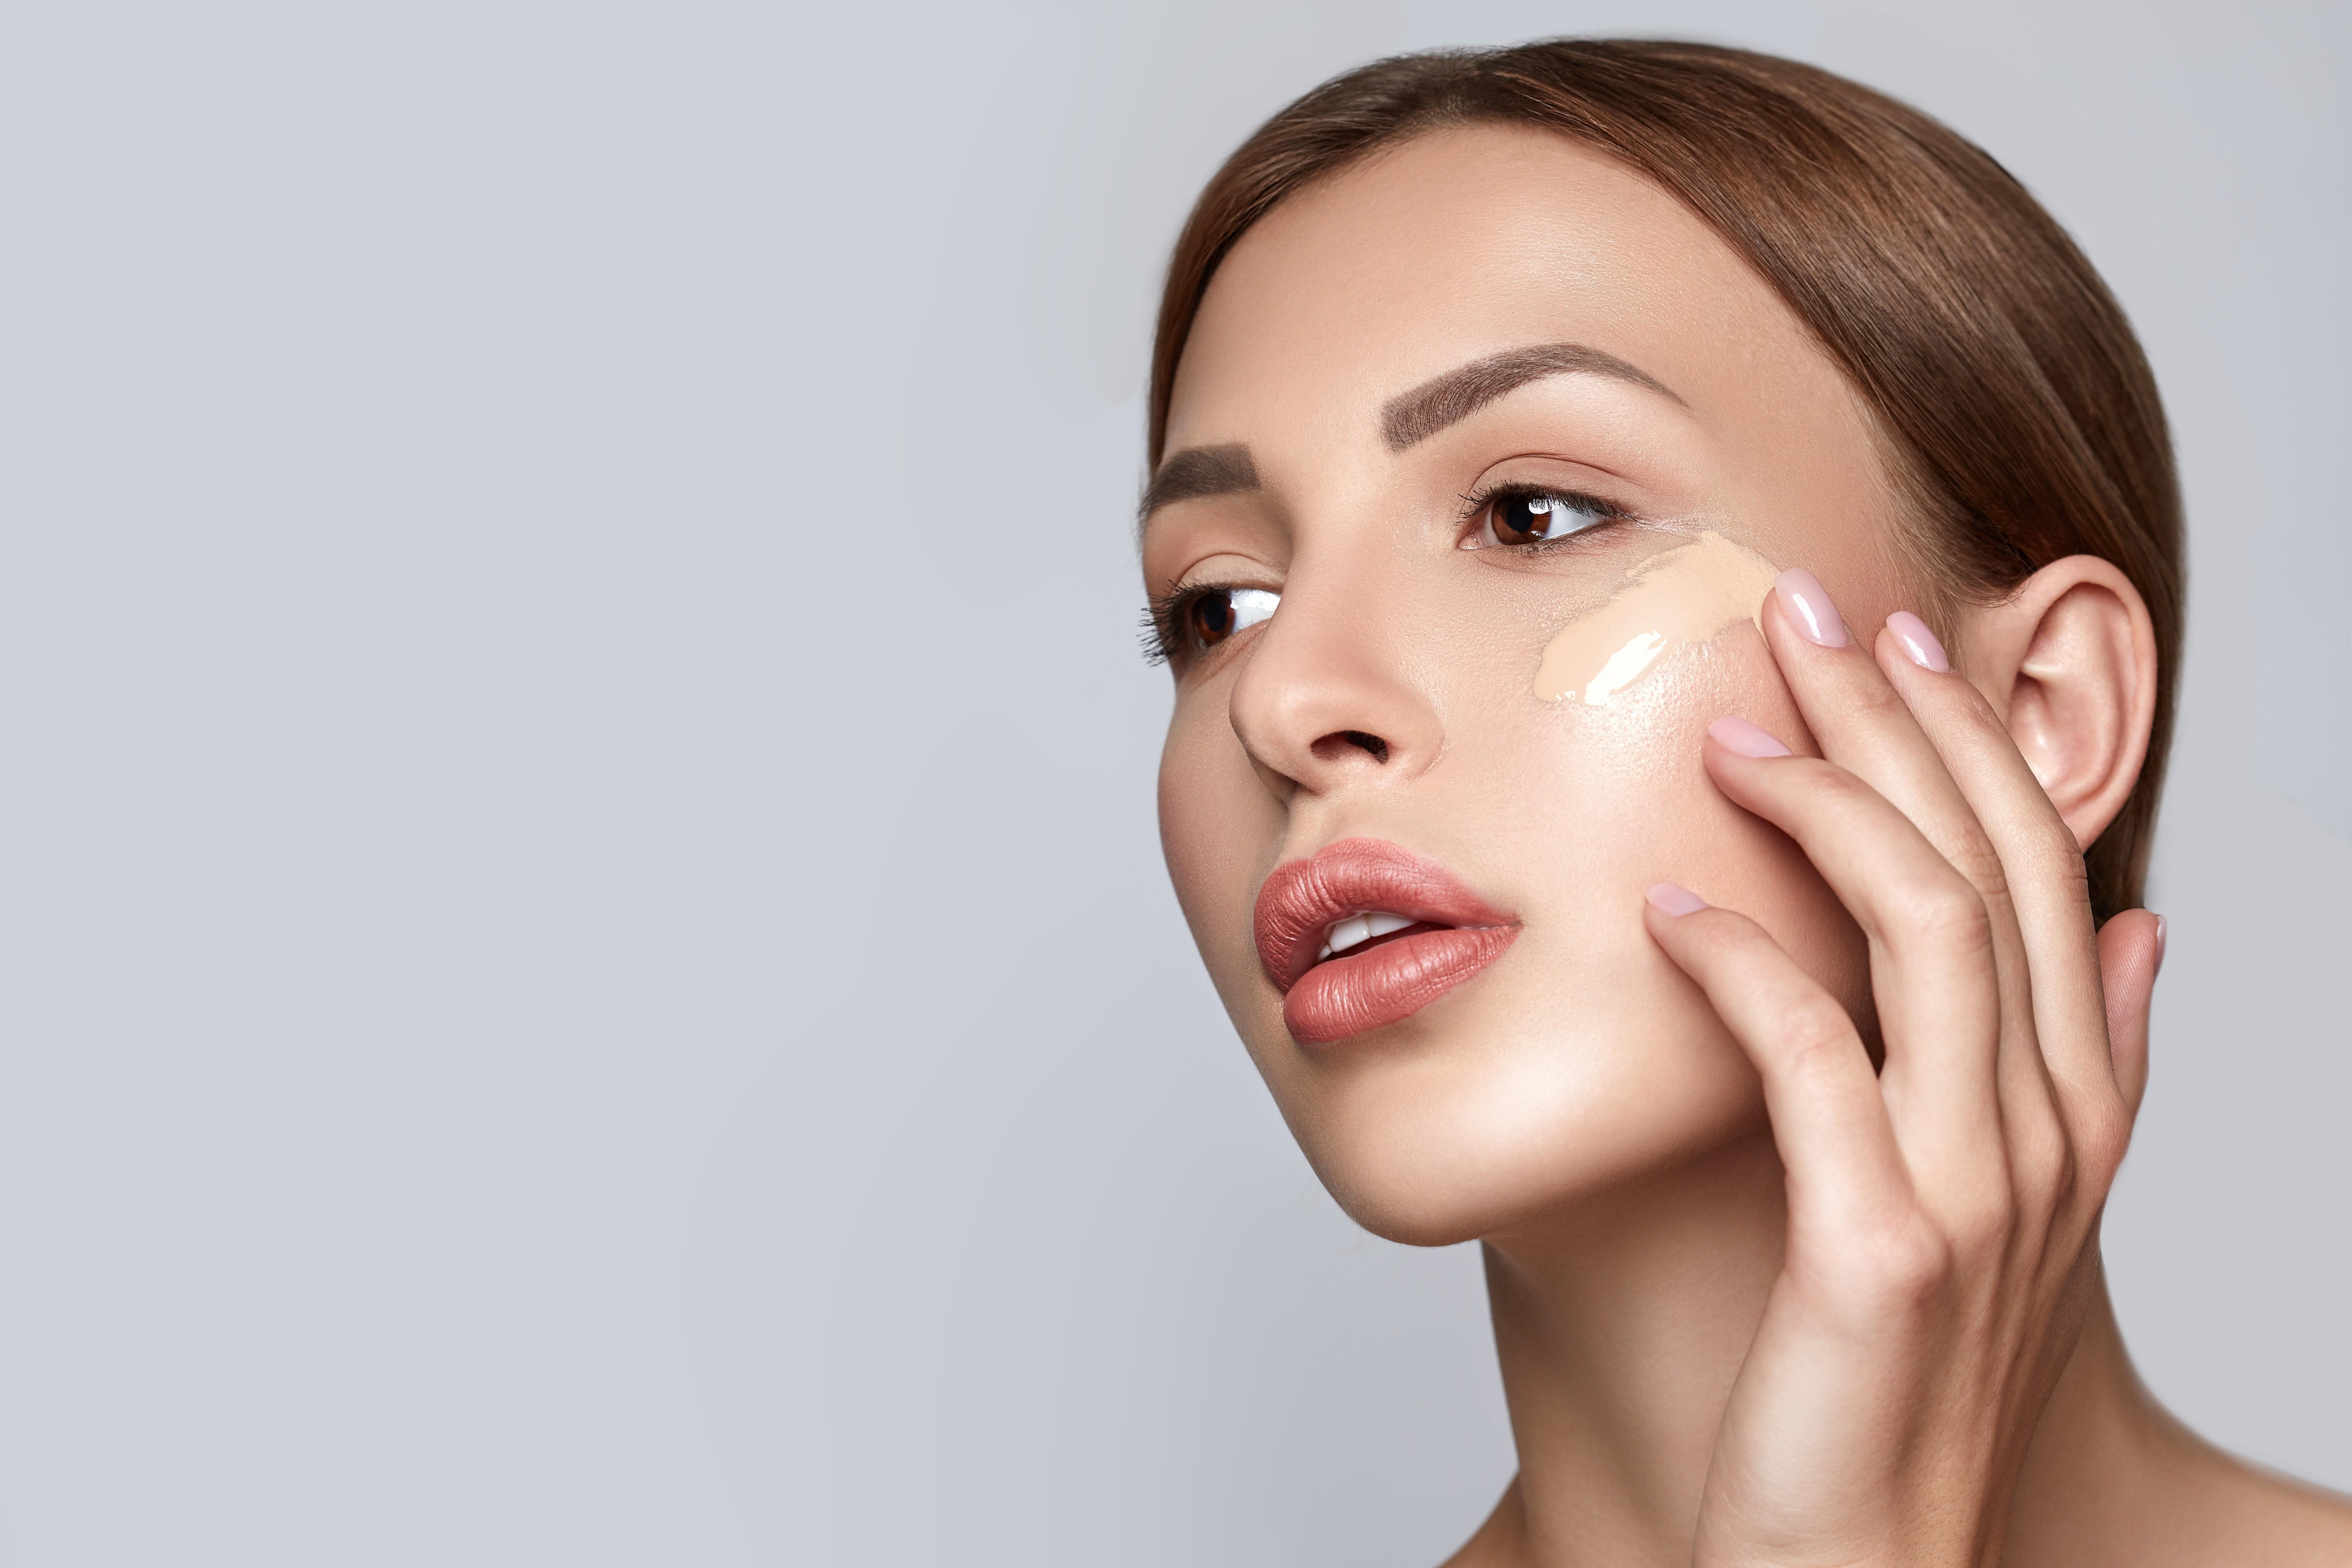 Не стоит выбирать кремы, в которых присутствуют сразу все витамины. Лучше понять, в каких кожа сейчас нуждается больше всего. Молекулы витаминов сами по себе очень большие, поэтому не про...